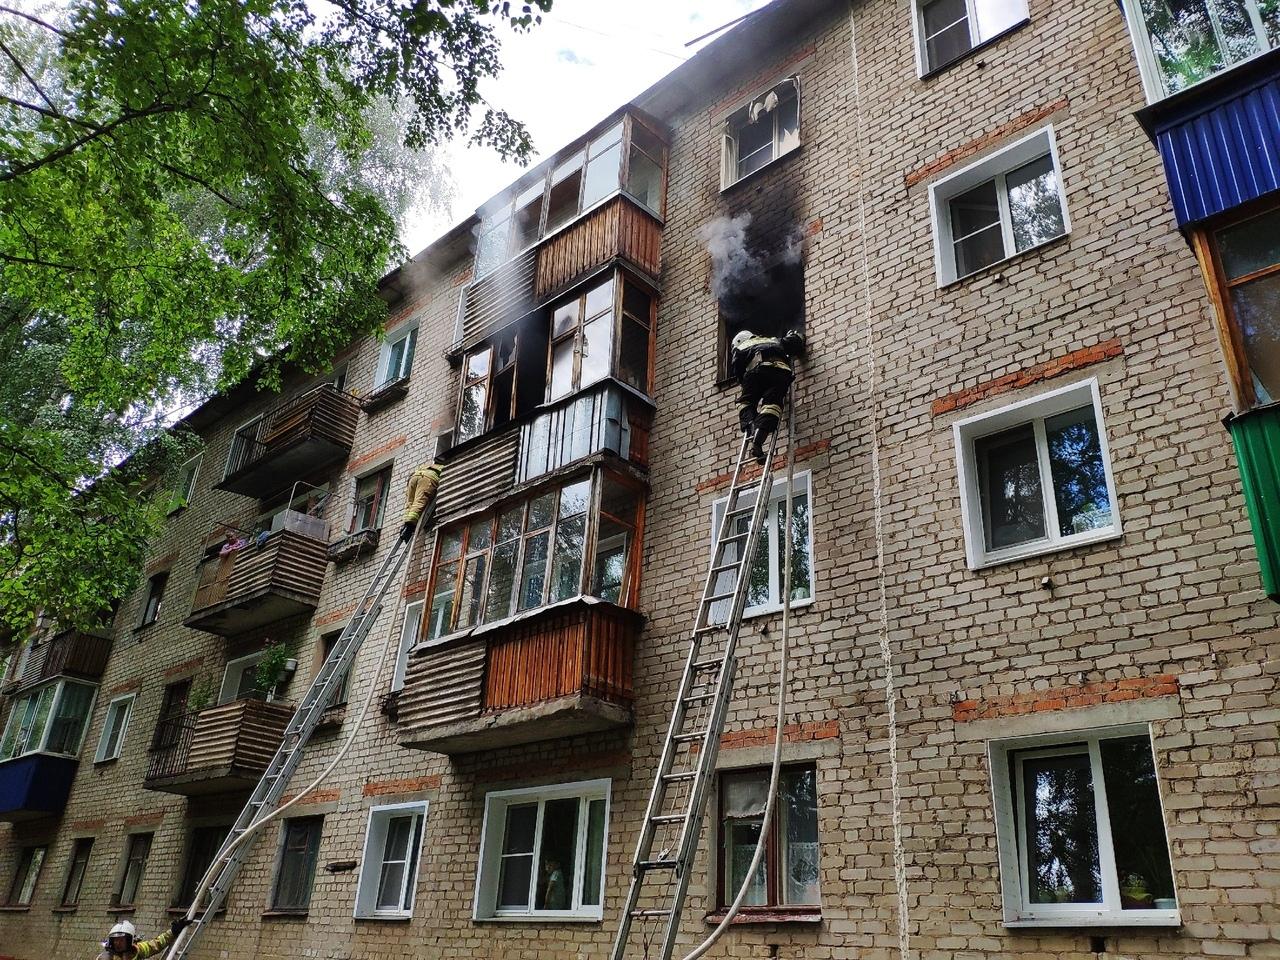 9 человек эвакуировали через окна: в Кирово-Чепецке сгорела квартира в жилом доме